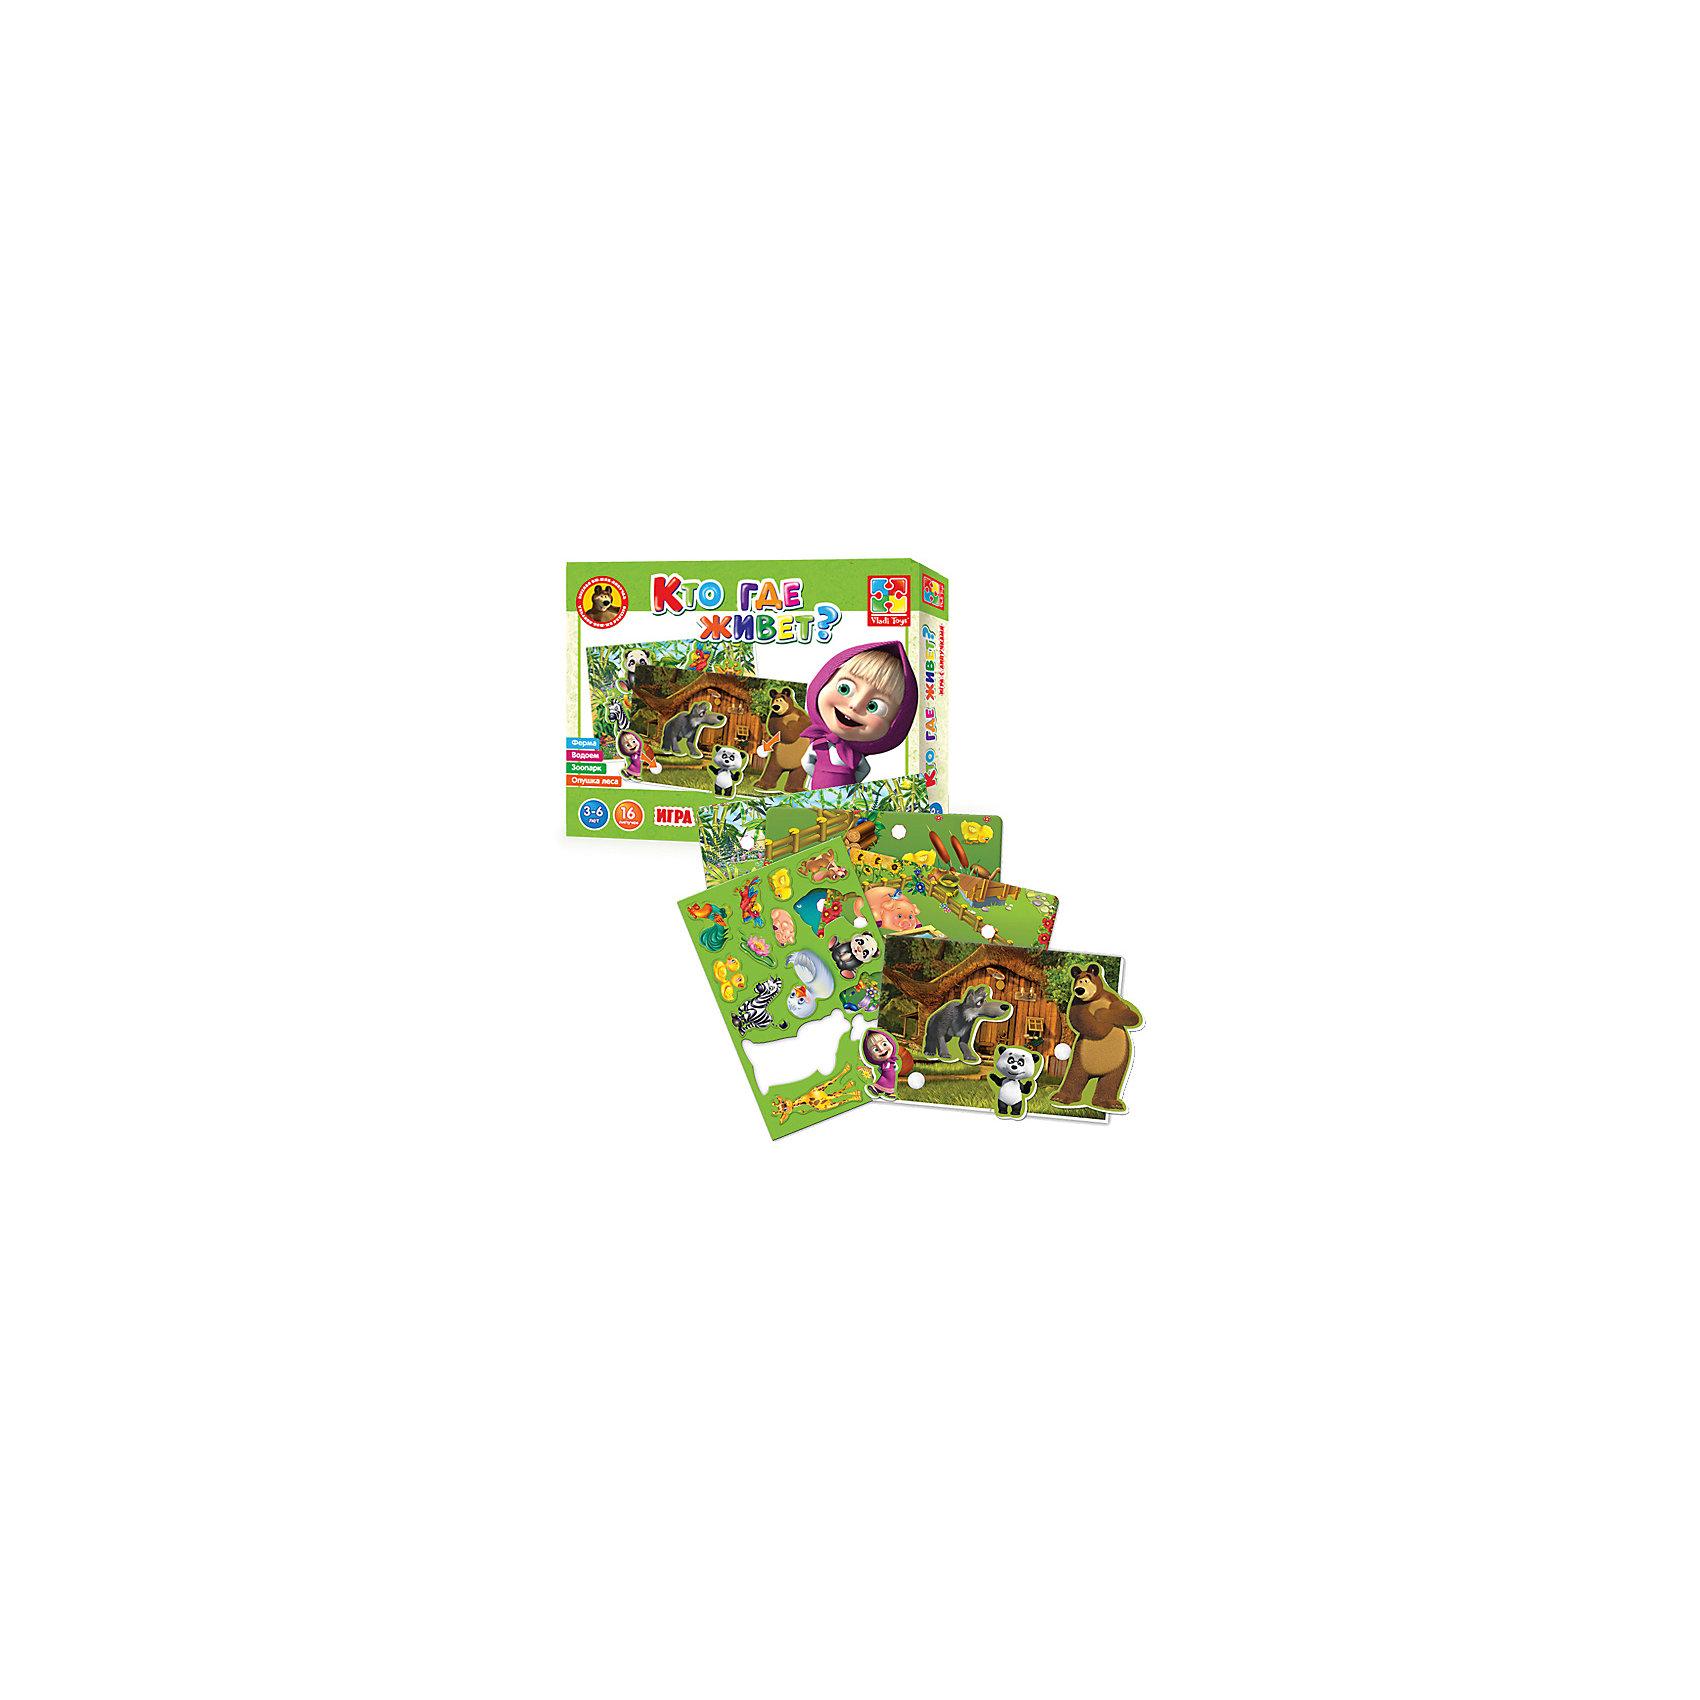 Настольная игра Кто где живет?, Маша и Медведь, Vladi ToysРазвивающие игры<br>Количество элементов в игре 16 карточек с липучками, 4 поля с липучками, количество деталей:20, картонная коробка<br><br>Ширина мм: 245<br>Глубина мм: 195<br>Высота мм: 35<br>Вес г: 170<br>Возраст от месяцев: 36<br>Возраст до месяцев: 84<br>Пол: Унисекс<br>Возраст: Детский<br>SKU: 4954102